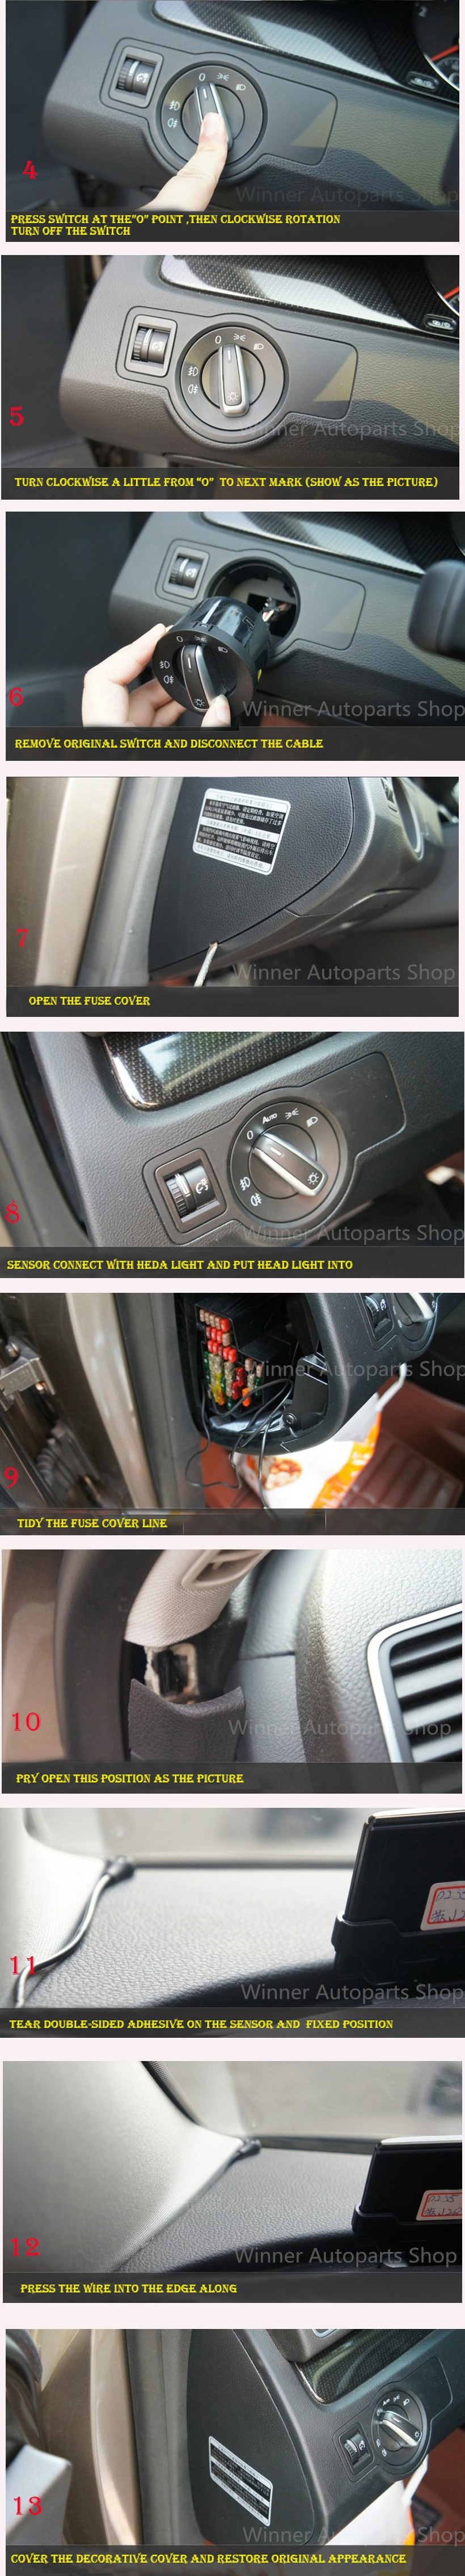 Купить OEM Подлинная Переключатель Света Фар и Фар Авто Датчик Используется Для VW Golf 5 6 MK5 MK6 Tiguan Passat B6 B7 CC Touran Jetta MKV